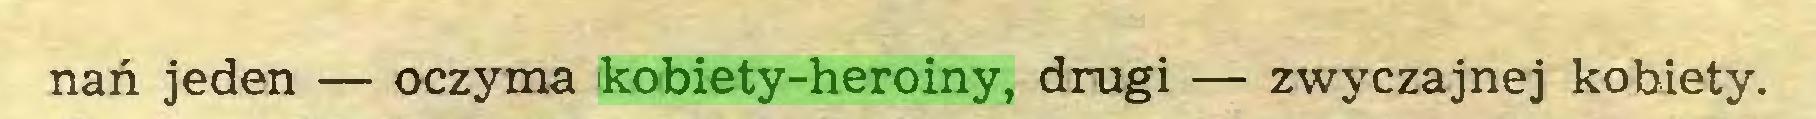 (...) nań jeden — oczyma kobiety-heroiny, drugi — zwyczajnej kobiety...